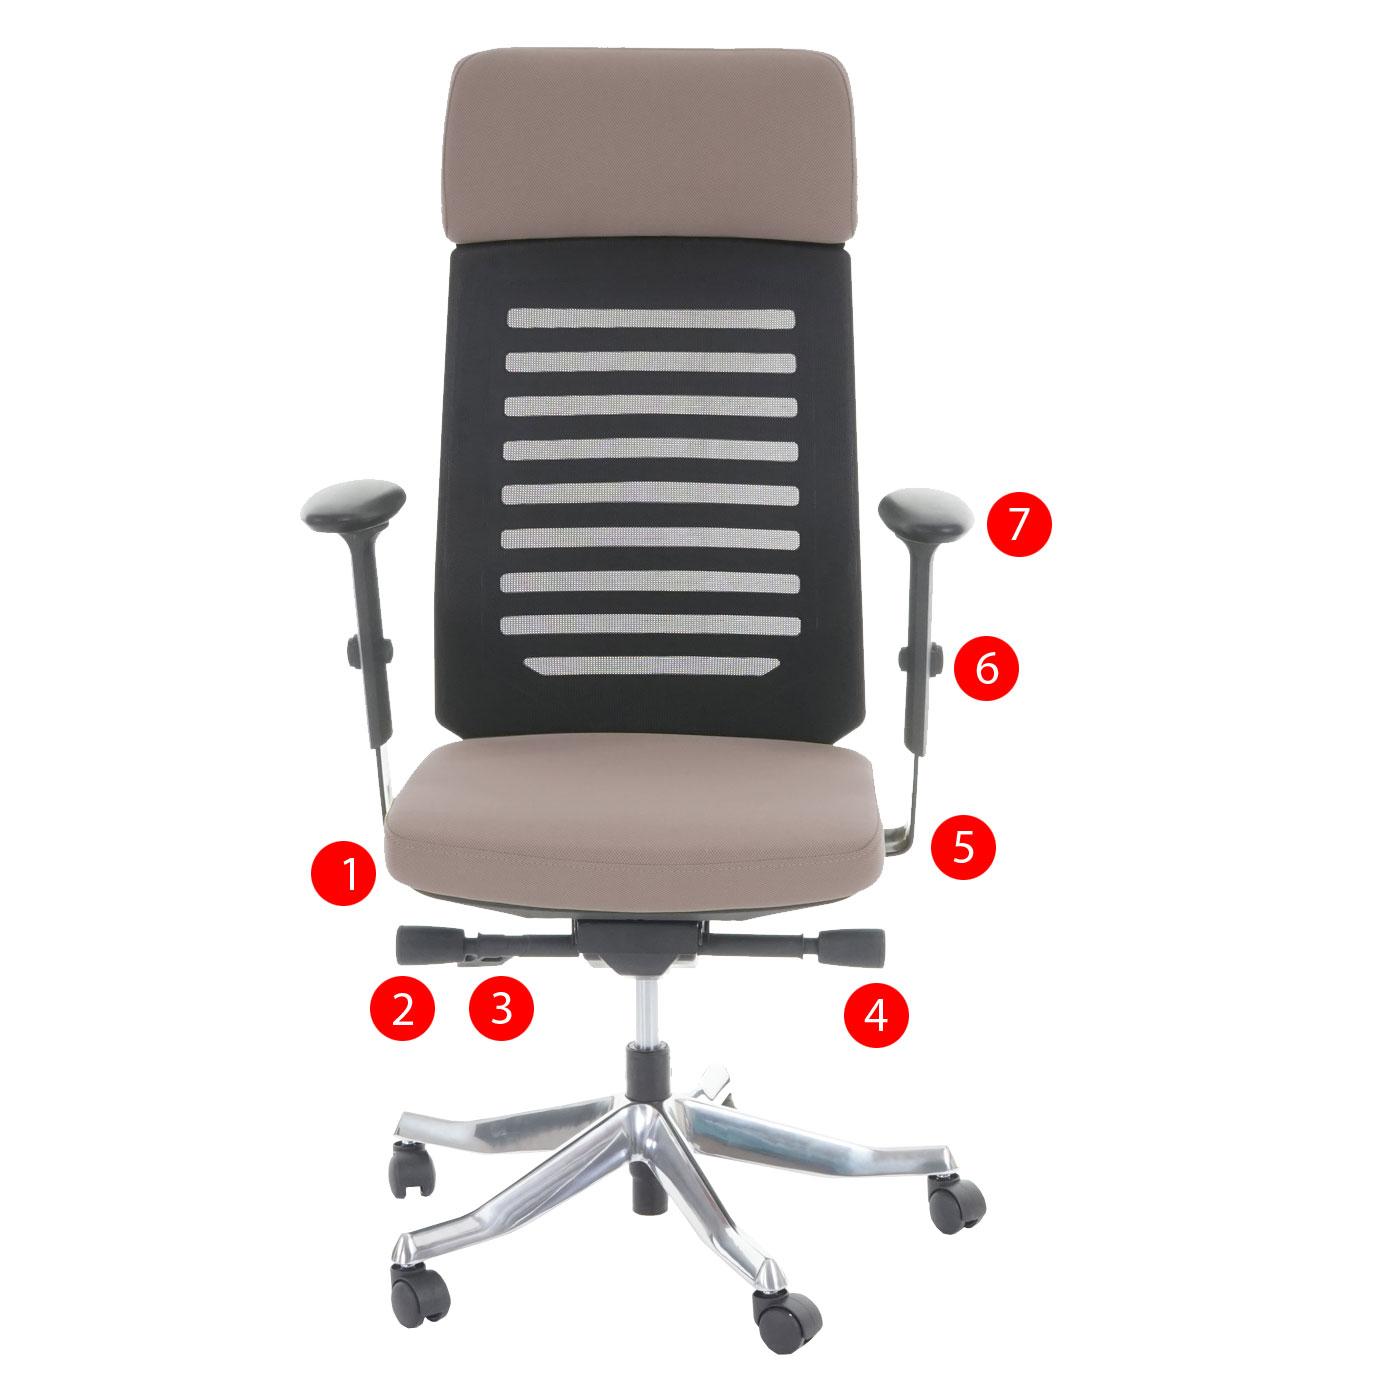 b rostuhl merryfair brisbane polster netz mit kopfst tze ergonomisch taupe ebay. Black Bedroom Furniture Sets. Home Design Ideas